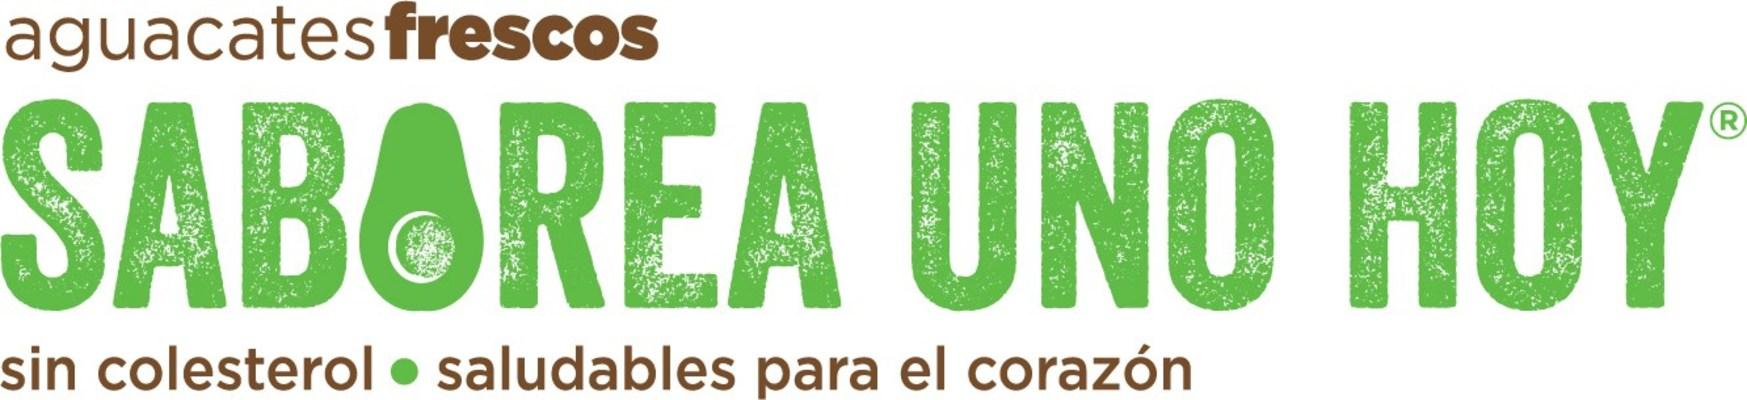 Aguacates Frescos - Saborea Uno Hoy y AltaMed se unen durante el Mes Nacional de la Diabetes. Visita SaboreaUnoHoy.com/AltaMed